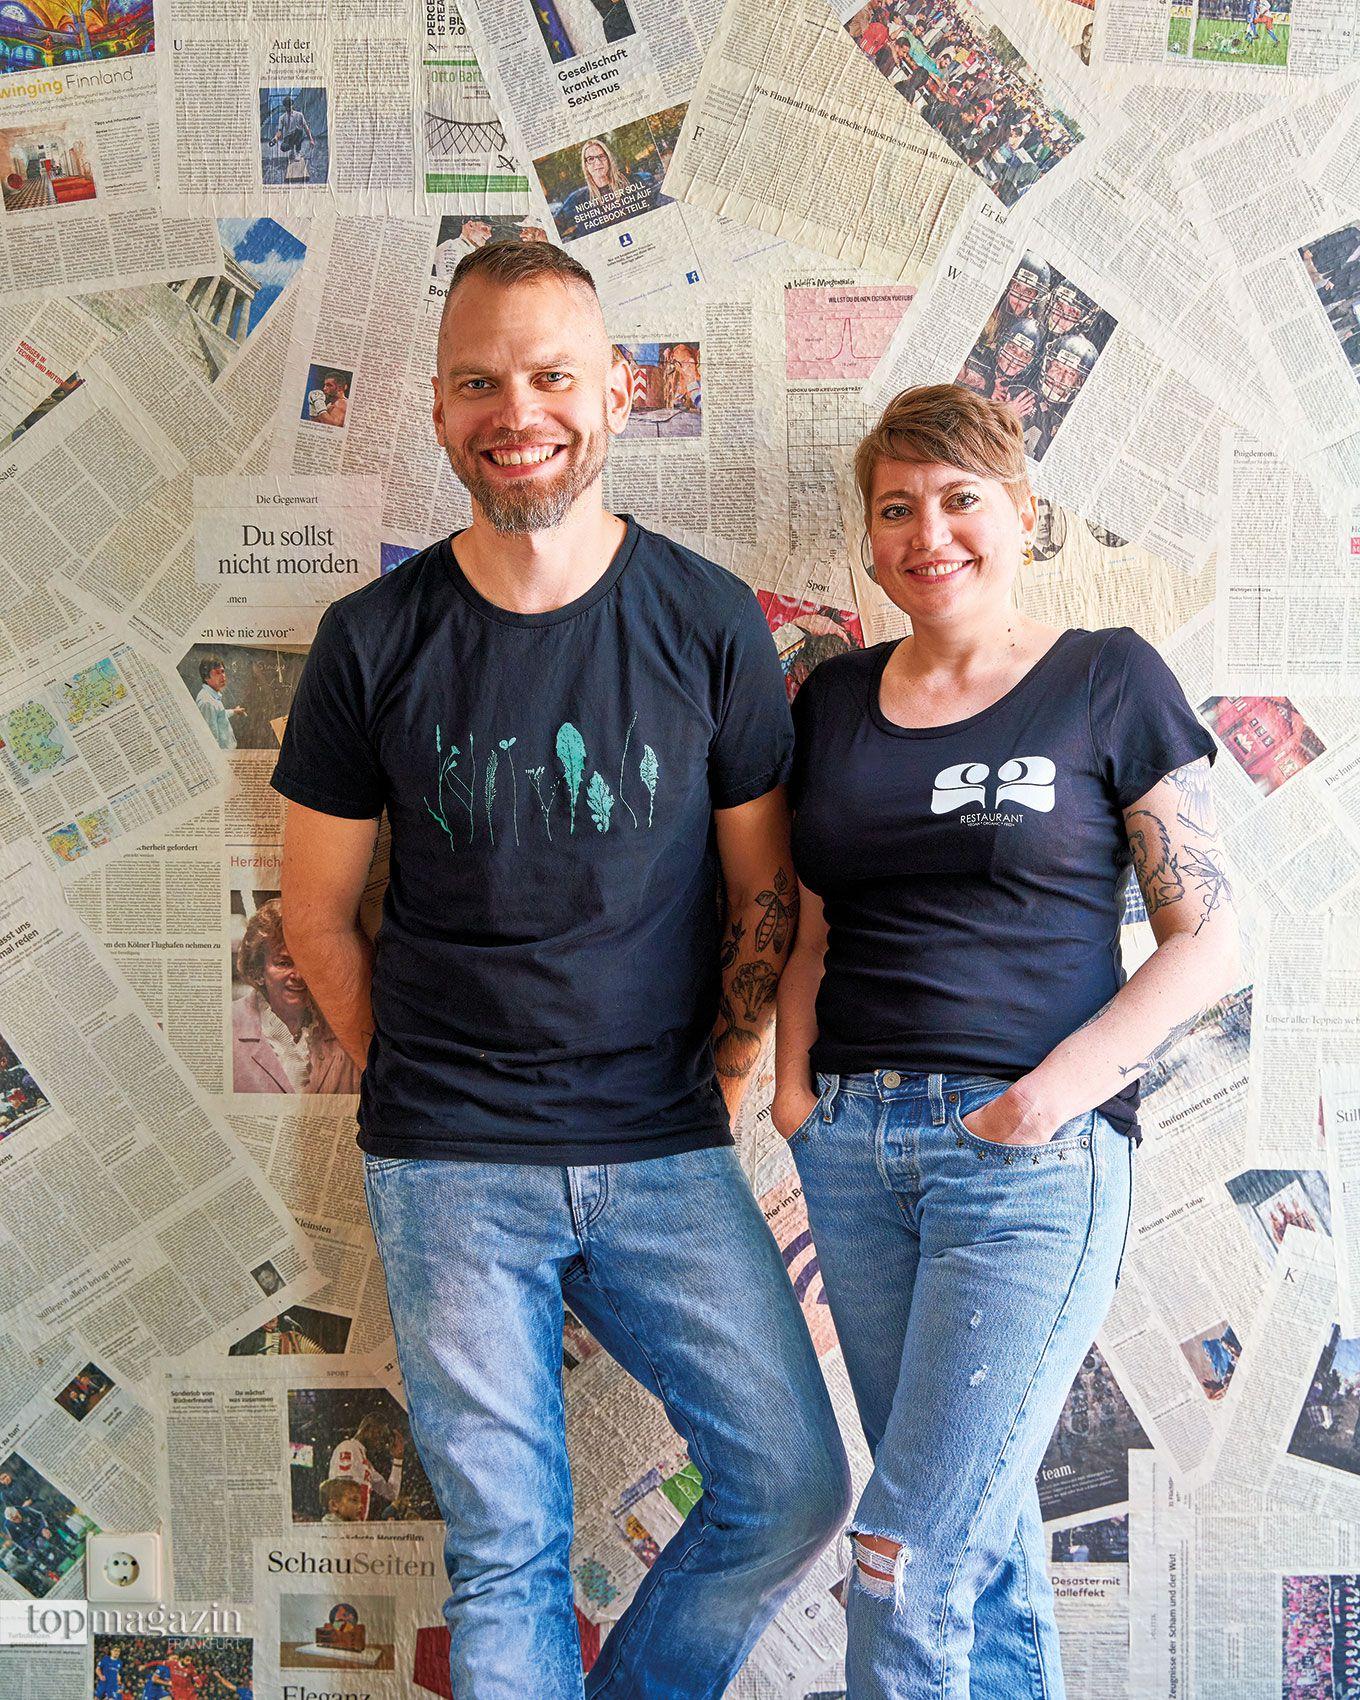 Dirk Schritt und Marina Ginkel vom Restaurant Zwei und Zwanzig in Geisenheim